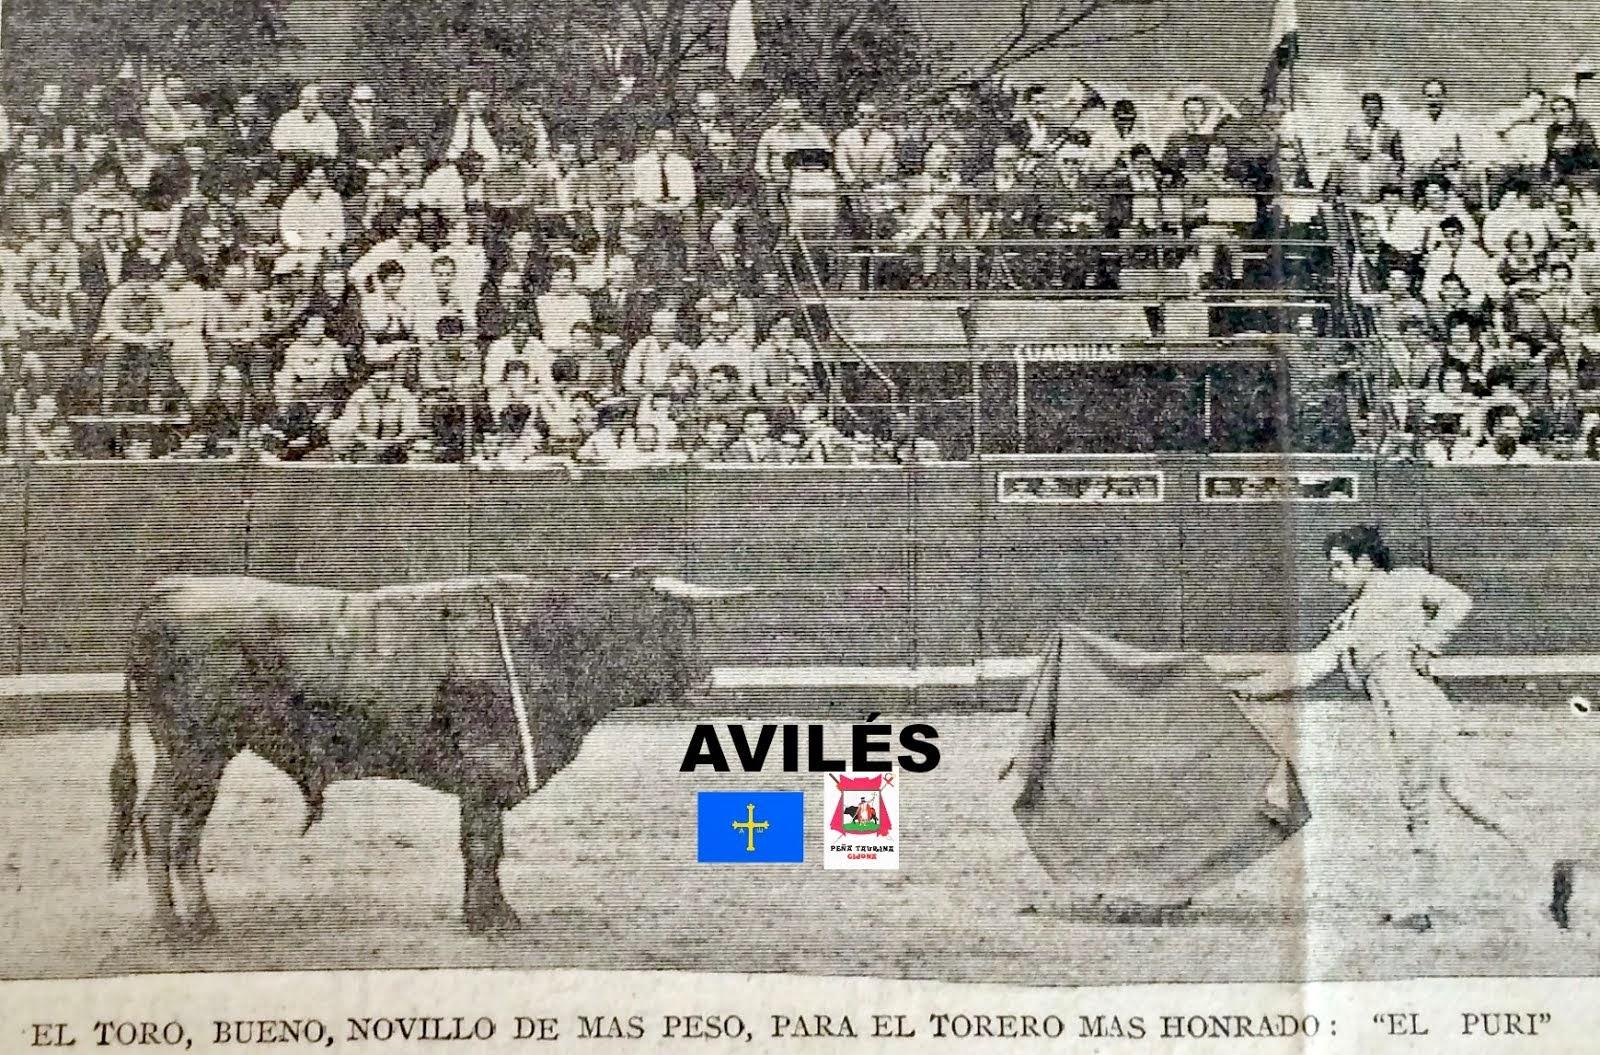 AVILES ASTURIAS TOROS